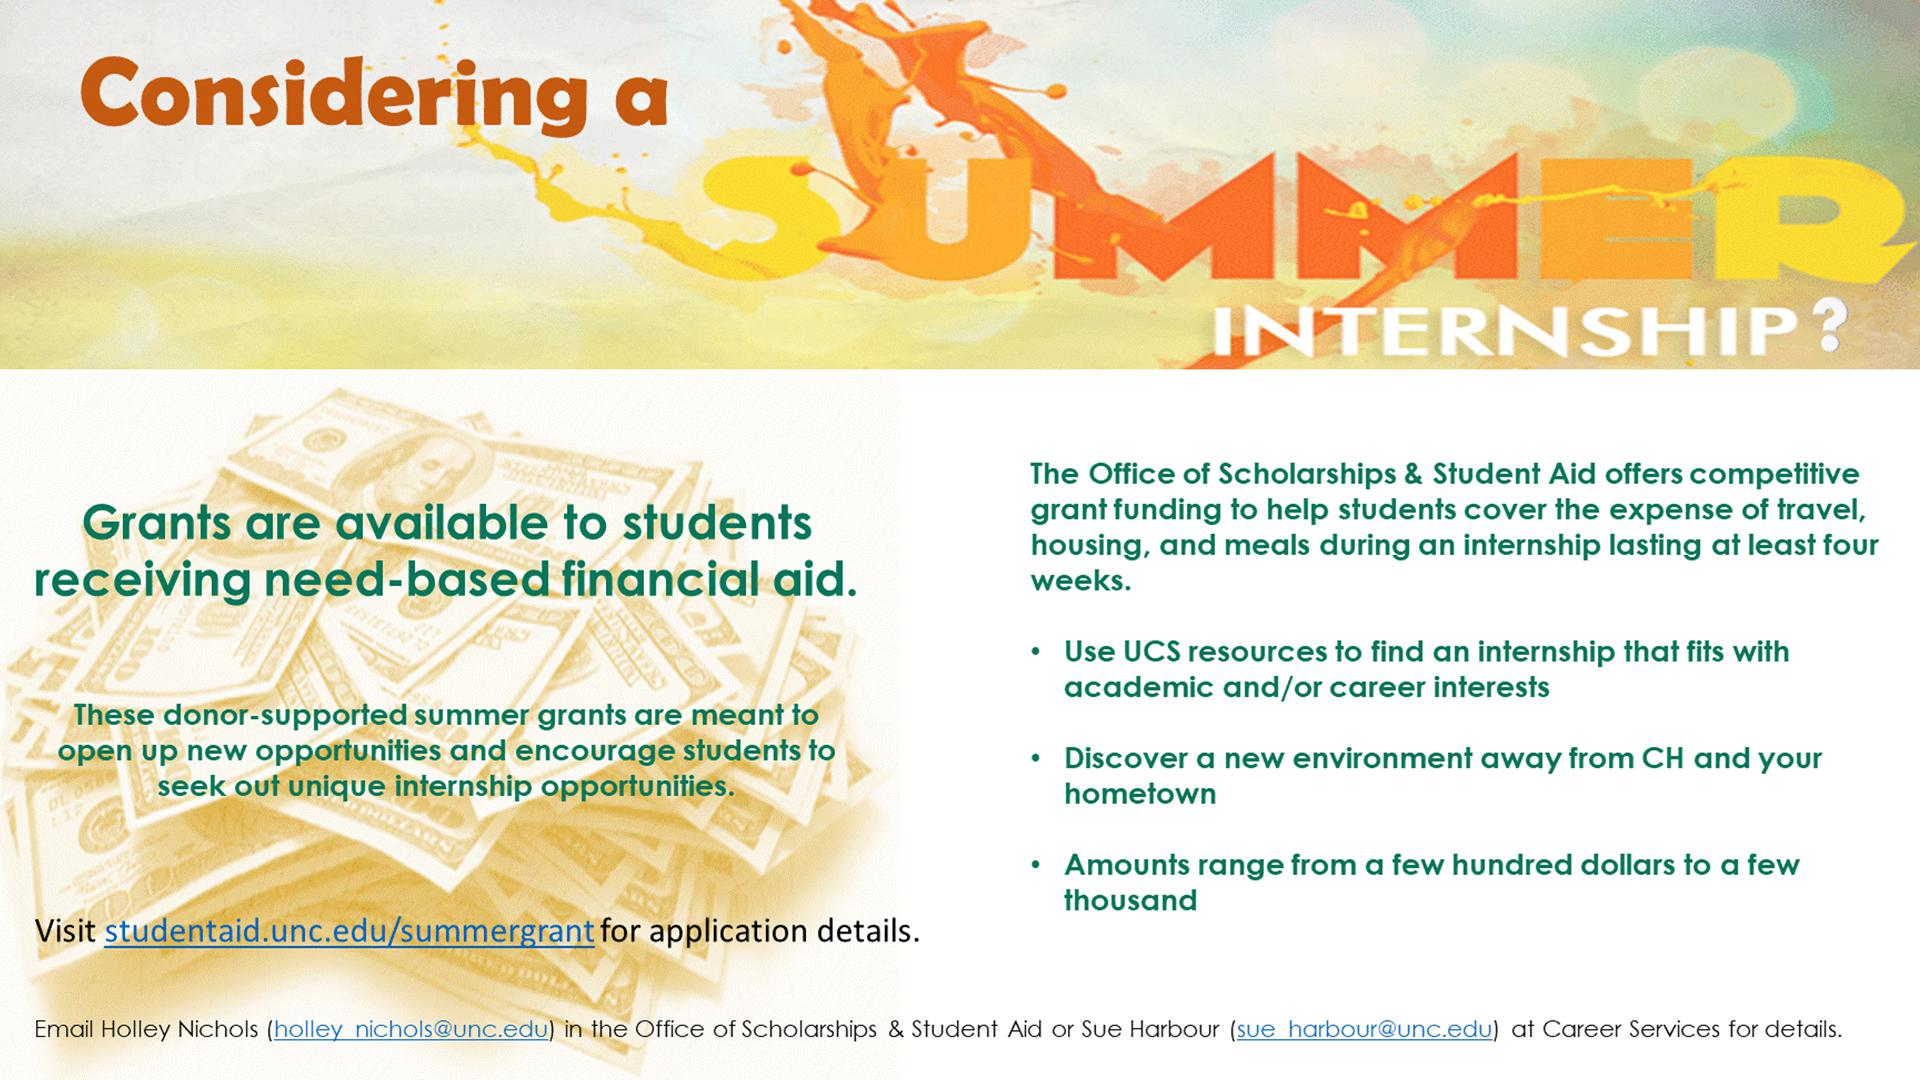 Summer Internship Grant